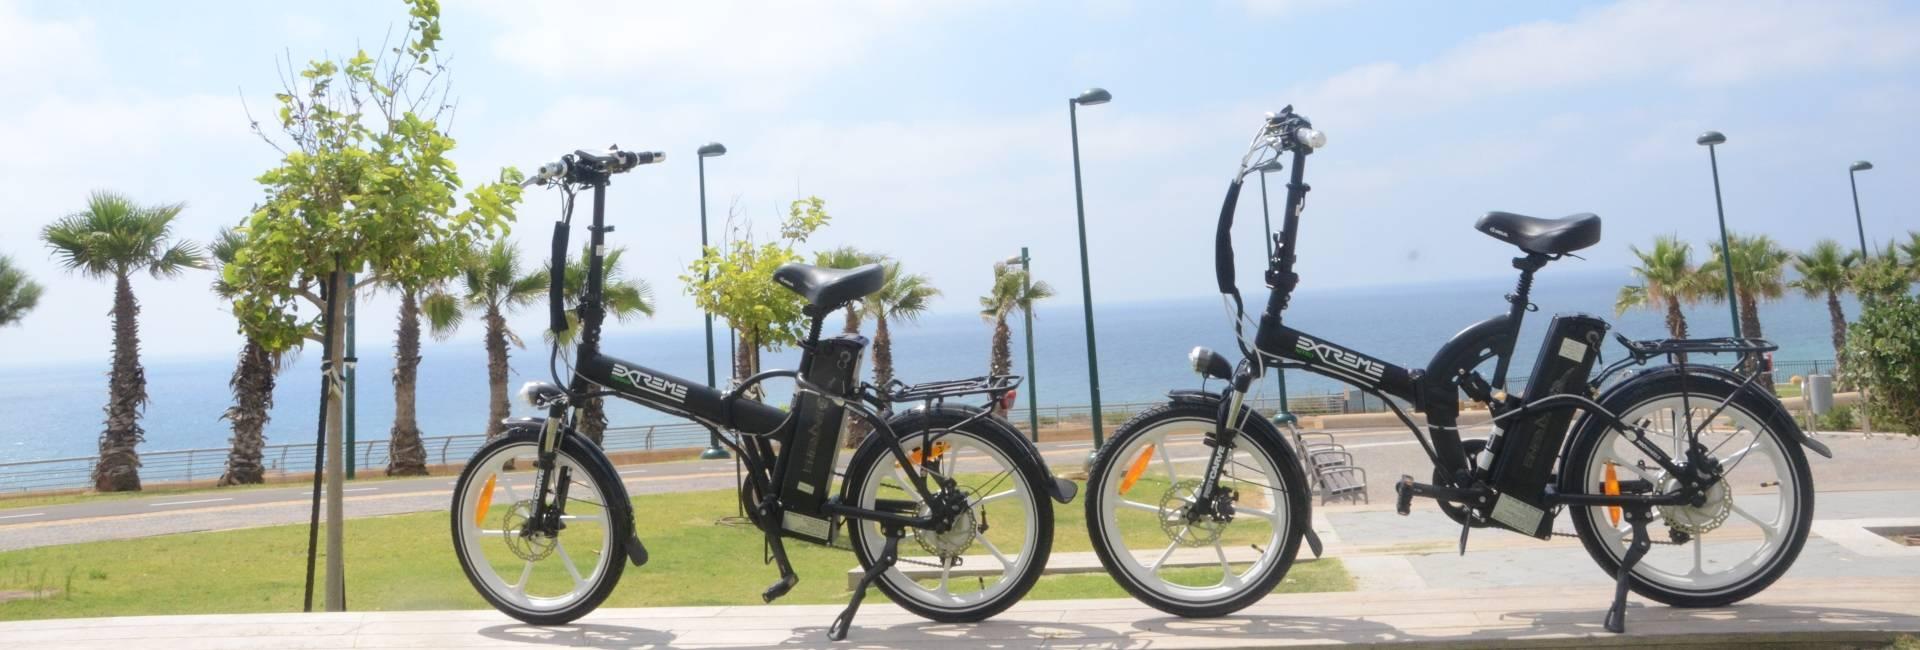 אופניים חשמליים  2